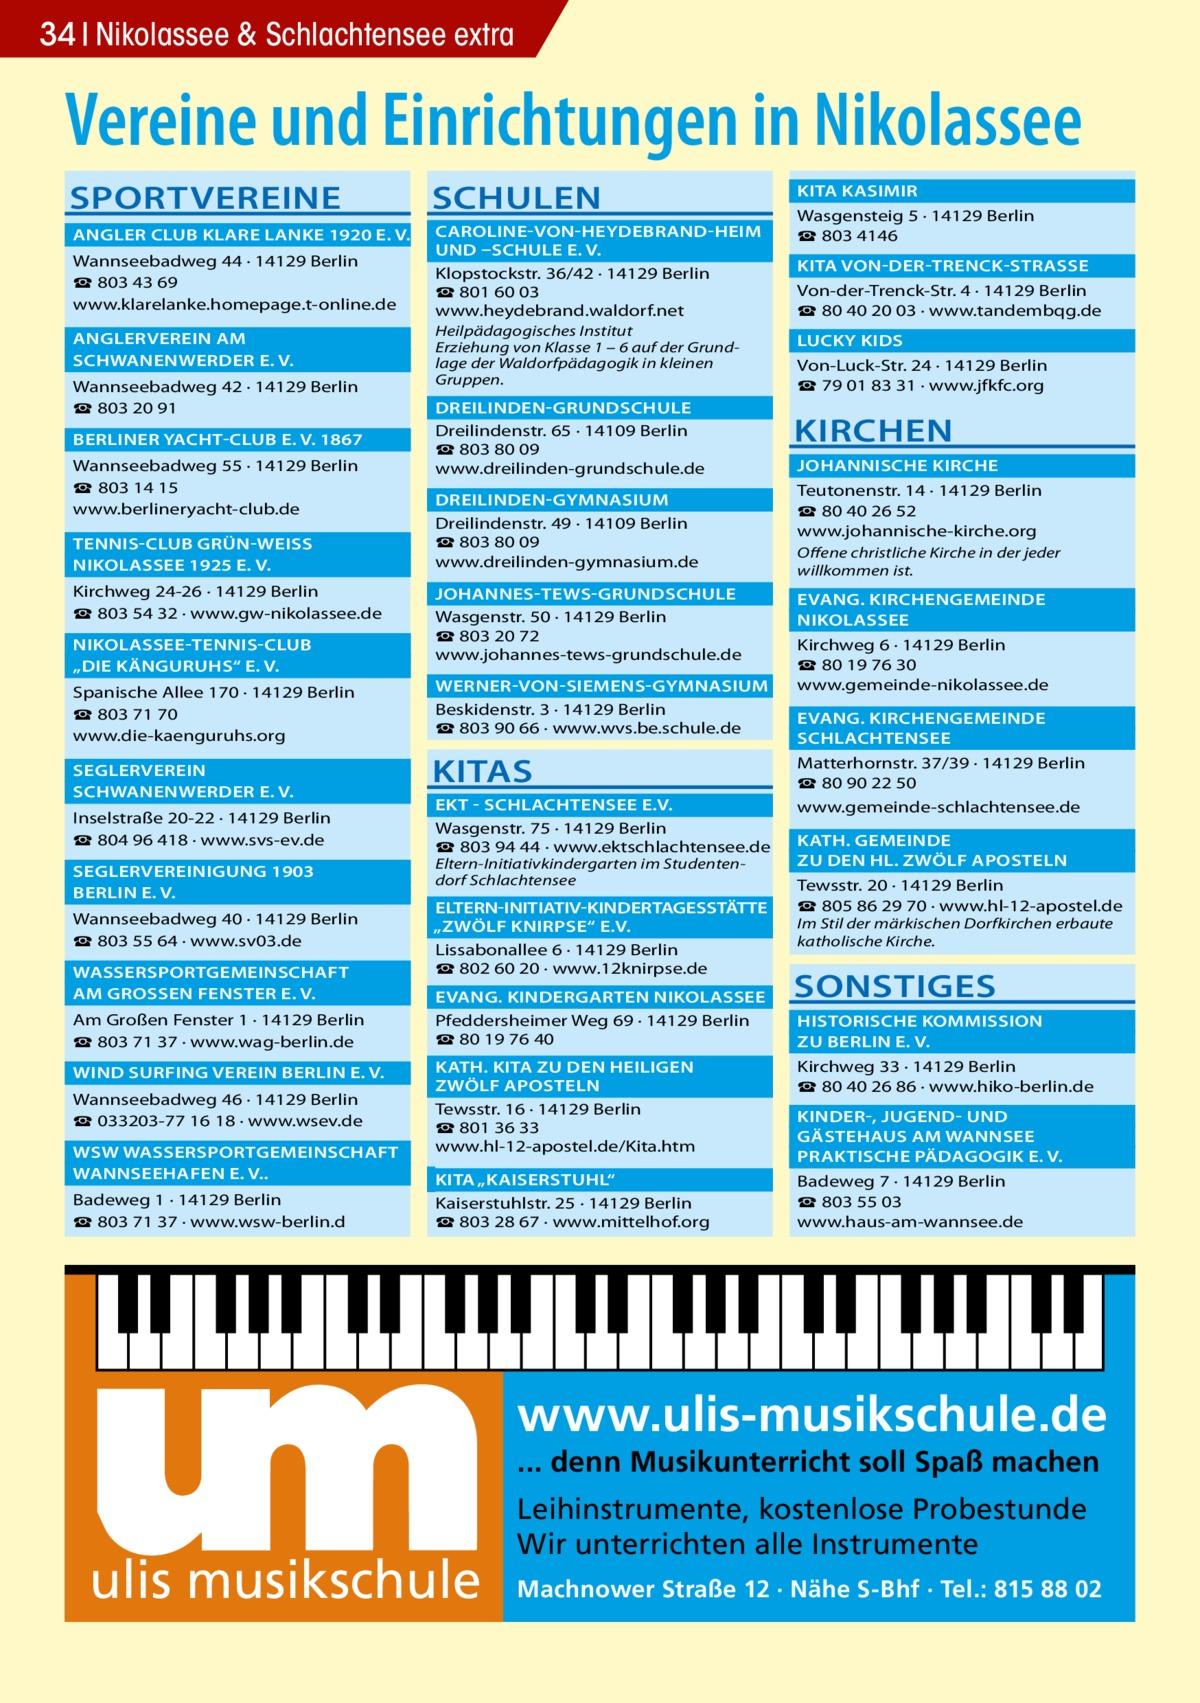 """34 Nikolassee & Schlachtensee extra  Vereine und Einrichtungen in Nikolassee SPORTVEREINE  SCHULEN   ANGLER CLUB KLARE LANKE 1920 E. V.�  CAROLINE-VON-HEYDEBRAND-HEIM �  UND –SCHULE E. V. � Wannseebadweg 44 · 14129 Berlin Klopstockstr. 36/42 · 14129 Berlin ☎ 803 43 69 ☎801 60 03 www.klarelanke.homepage.t-online.de www.heydebrand.waldorf.net  ANGLERVEREIN AM�  SCHWANENWERDER E. V.� Wannseebadweg 42 · 14129 Berlin ☎ 803 20 91  BERLINER YACHT-CLUB E. V. 1867� Wannseebadweg 55 · 14129 Berlin ☎ 803 14 15 www.berlineryacht-club.de  TENNIS-CLUB GRÜN-WEISS �  NIKOLASSEE 1925 E. V.� Kirchweg 24-26 · 14129 Berlin ☎ 803 54 32 · www.gw-nikolassee.de  NIKOLASSEE-TENNIS-CLUB �  """"DIE KÄNGURUHS"""" E. V.� Spanische Allee 170 · 14129 Berlin ☎803 71 70 www.die-kaenguruhs.org SEGLERVEREIN�  SCHWANENWERDER E. V.� Inselstraße 20-22 · 14129 Berlin ☎804 96 418 · www.svs-ev.de  SEGLERVEREINIGUNG 1903 �  BERLIN E. V.� Wannseebadweg 40 · 14129 Berlin ☎803 55 64 · www.sv03.de  WASSERSPORTGEMEINSCHAFT �  AM GROSSEN FENSTER E. V.� Am Großen Fenster 1 · 14129 Berlin ☎803 71 37 · www.wag-berlin.de  WIND SURFING VEREIN BERLIN E. V.� Wannseebadweg 46 · 14129 Berlin ☎033203-77 16 18 · www.wsev.de  WSW WASSERSPORTGEMEINSCHAFT �  WANNSEEHAFEN E. V..� Badeweg 1 · 14129 Berlin ☎803 71 37 · www.wsw-berlin.d  Heilpädagogisches Institut Erziehung von Klasse 1 – 6 auf der Grundlage der Waldorfpädagogik in kleinen Gruppen.  DREILINDEN-GRUNDSCHULE� Dreilindenstr. 65 · 14109 Berlin ☎803 80 09 www.dreilinden-grundschule.de DREILINDEN-GYMNASIUM� Dreilindenstr. 49 · 14109 Berlin ☎803 80 09 www.dreilinden-gymnasium.de  JOHANNES-TEWS-GRUNDSCHULE � Wasgenstr. 50 · 14129 Berlin ☎803 20 72 www.johannes-tews-grundschule.de   KITA KASIMIR� Wasgensteig 5 · 14129 Berlin ☎803 4146  KITA VON-DER-TRENCK-STRASSE � Von-der-Trenck-Str. 4 · 14129 Berlin ☎80 40 20 03 · www.tandembqg.de  LUCKY KIDS� Von-Luck-Str. 24 · 14129 Berlin ☎79 01 83 31 · www.jfkfc.org  KIRCHEN  JOHANNISCHE KIRCHE � Teutonenstr. 14 · 14129 Berlin ☎ 80 40 26 52"""